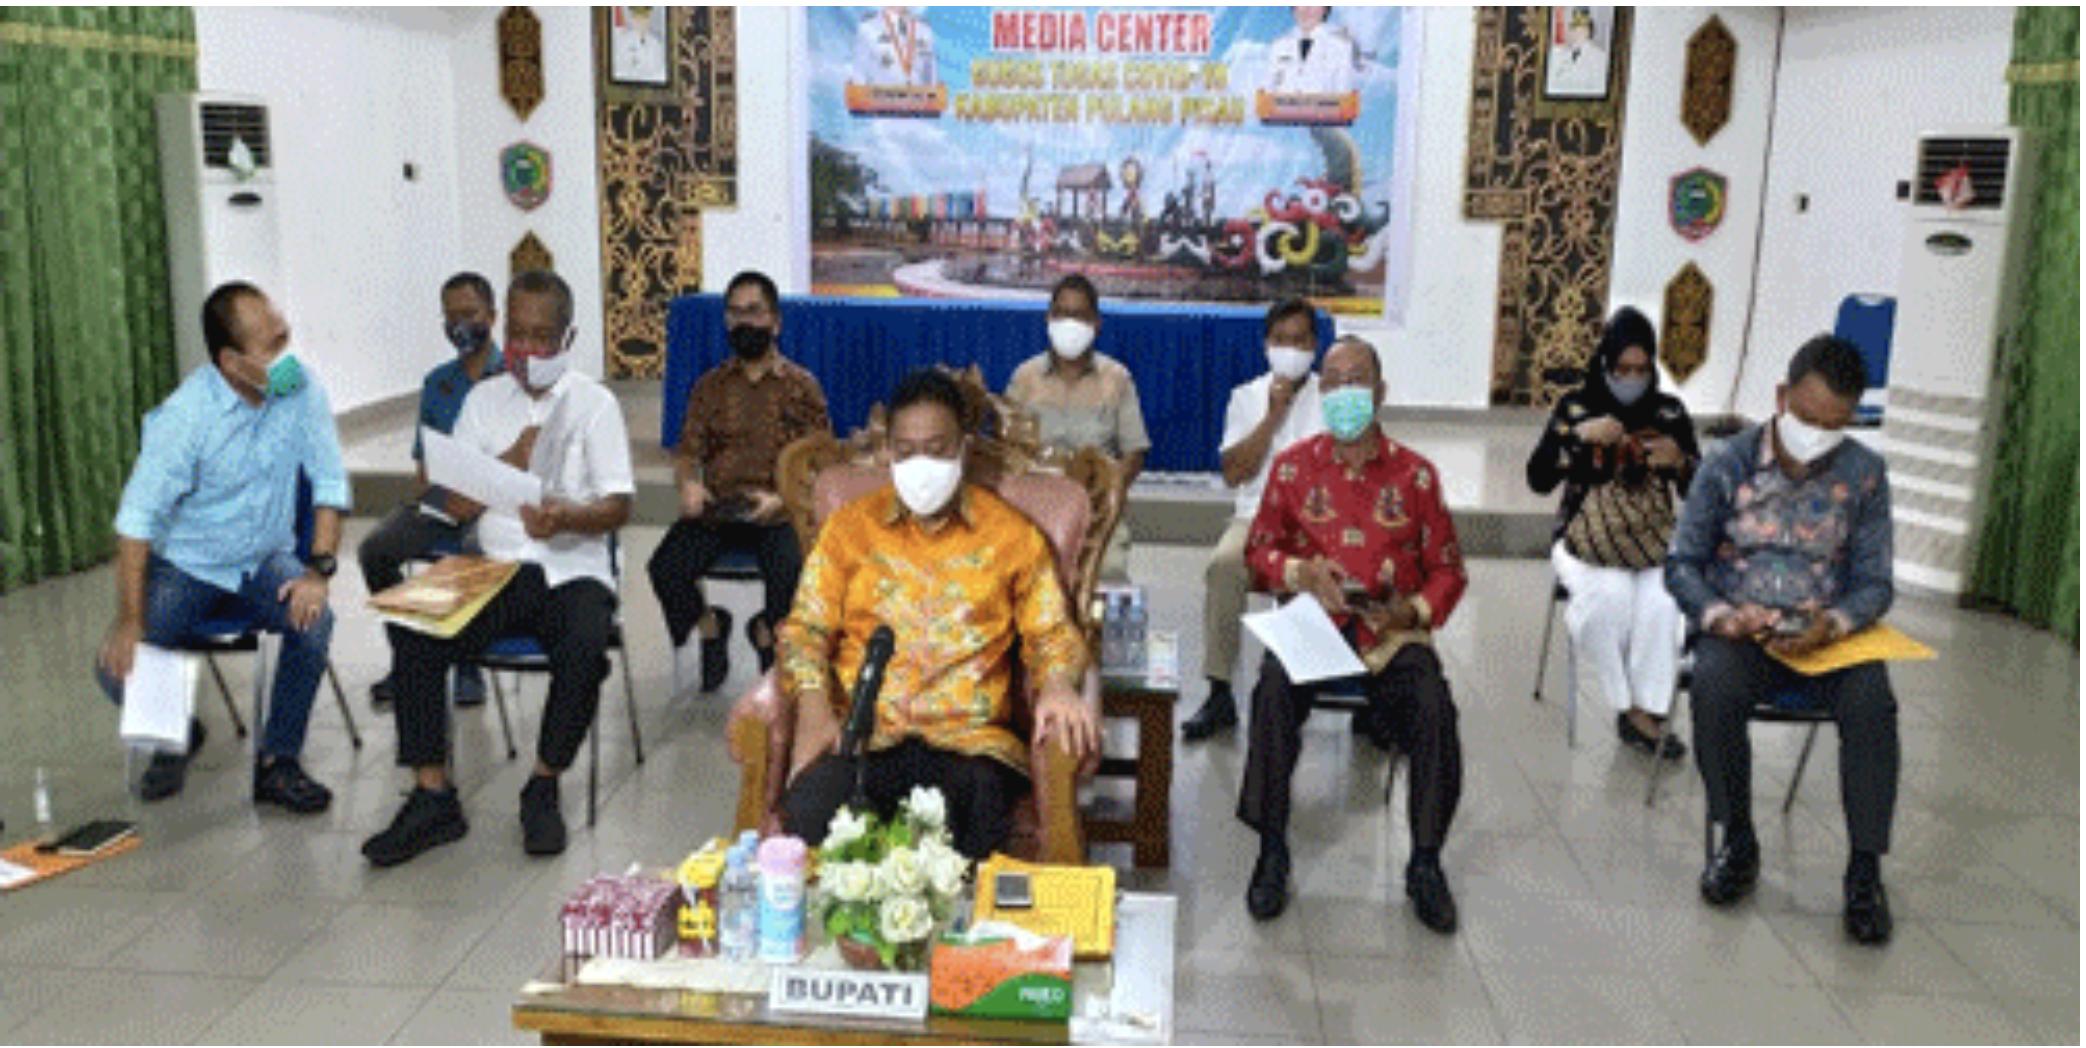 Pemerintah Pusat Akan Kembangkan Program Food Estate di Pulpis